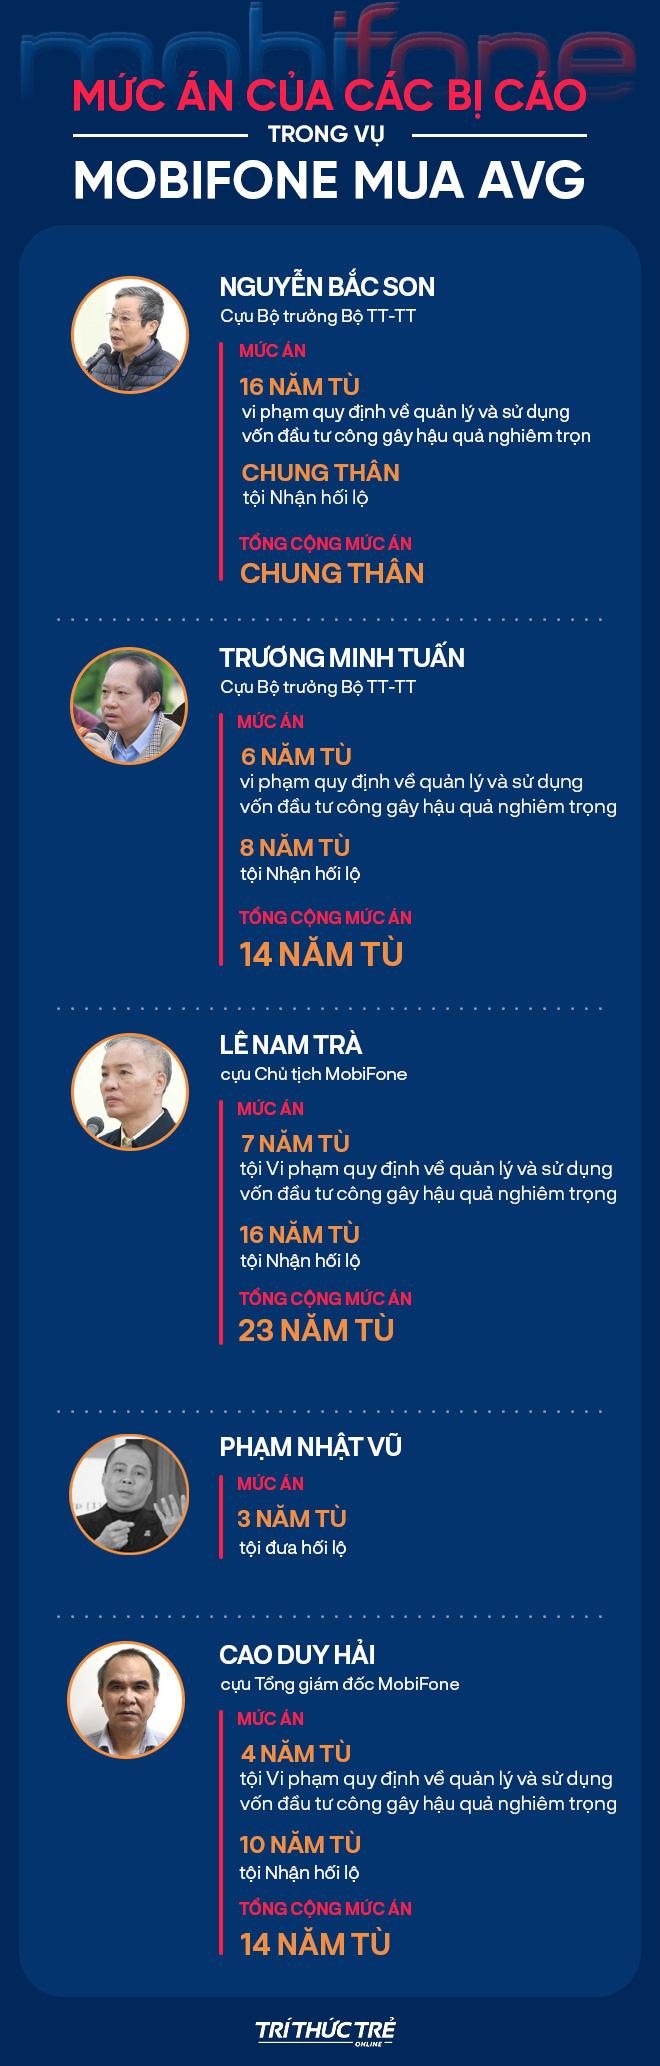 Tuyên án cựu Bộ trưởng Nguyễn Bắc Son, Trương Minh Tuấn và đồng phạm trong vụ MobiFone mua AVG - Ảnh 2.